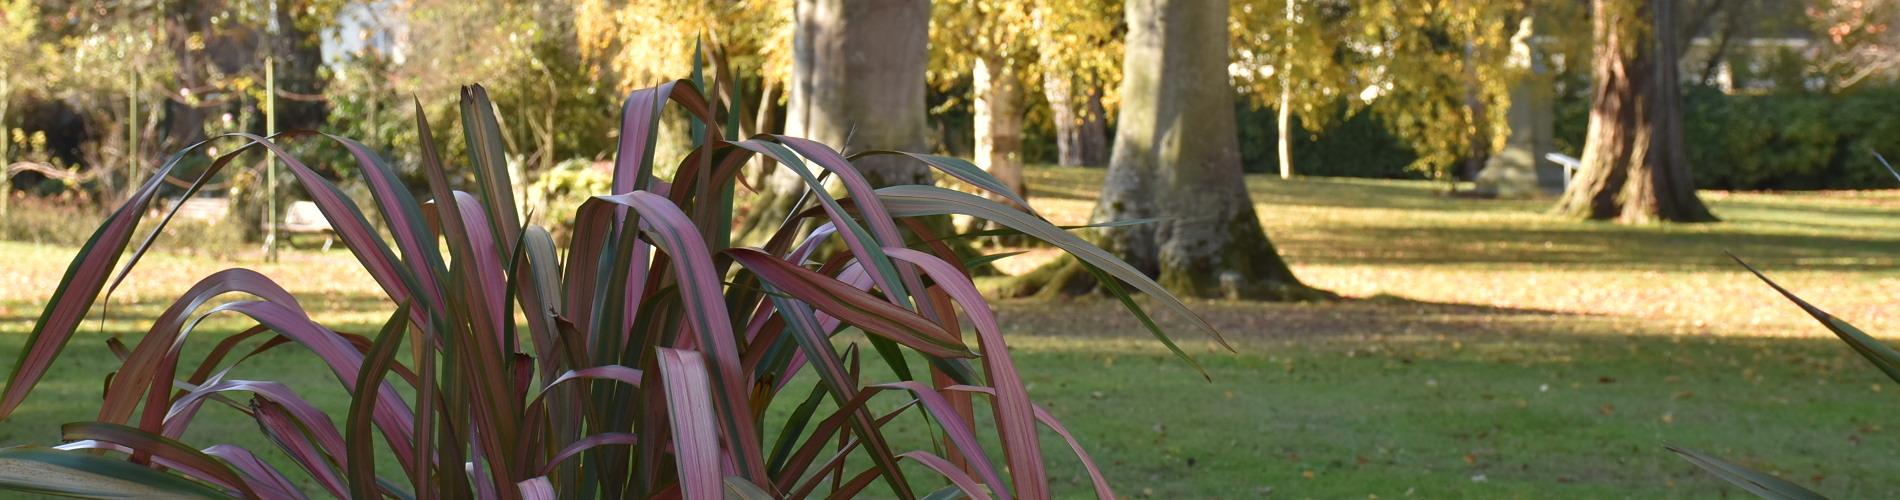 Jardin Botanique Bayeux Luxe Parcs Jardins Et Balades